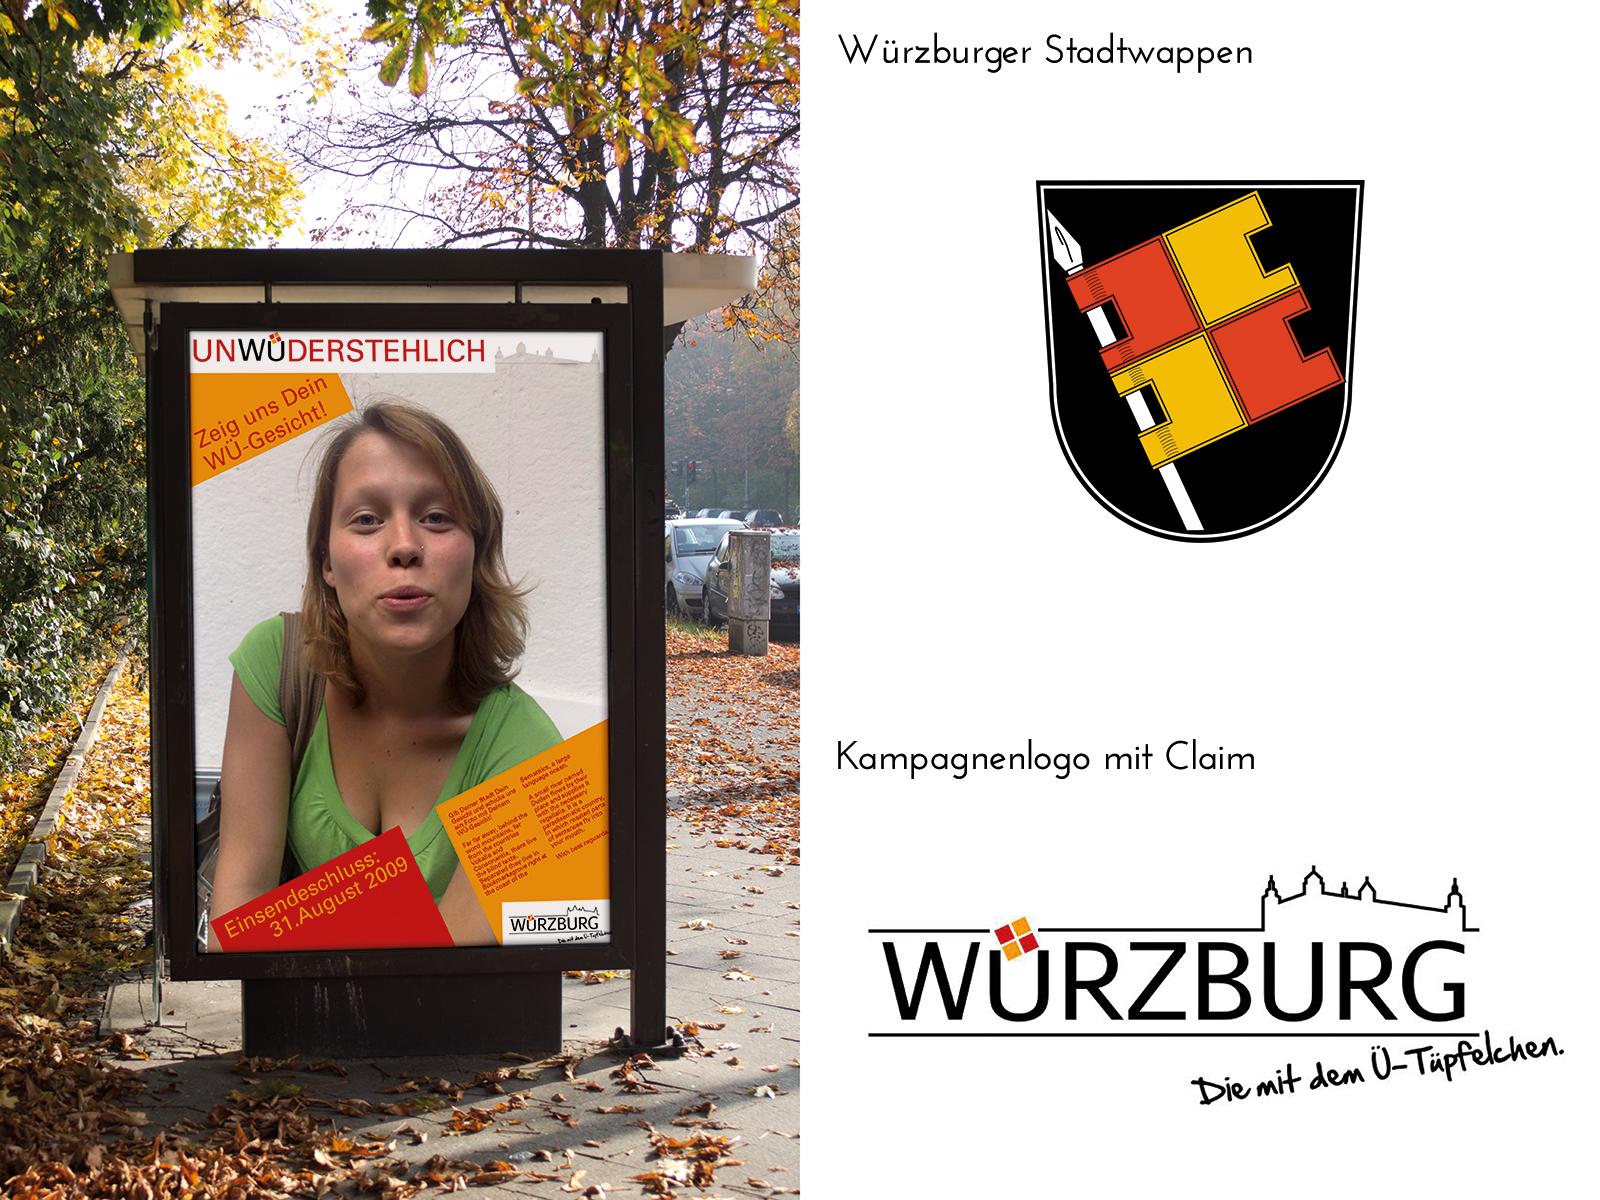 kampagne 2 würzburg